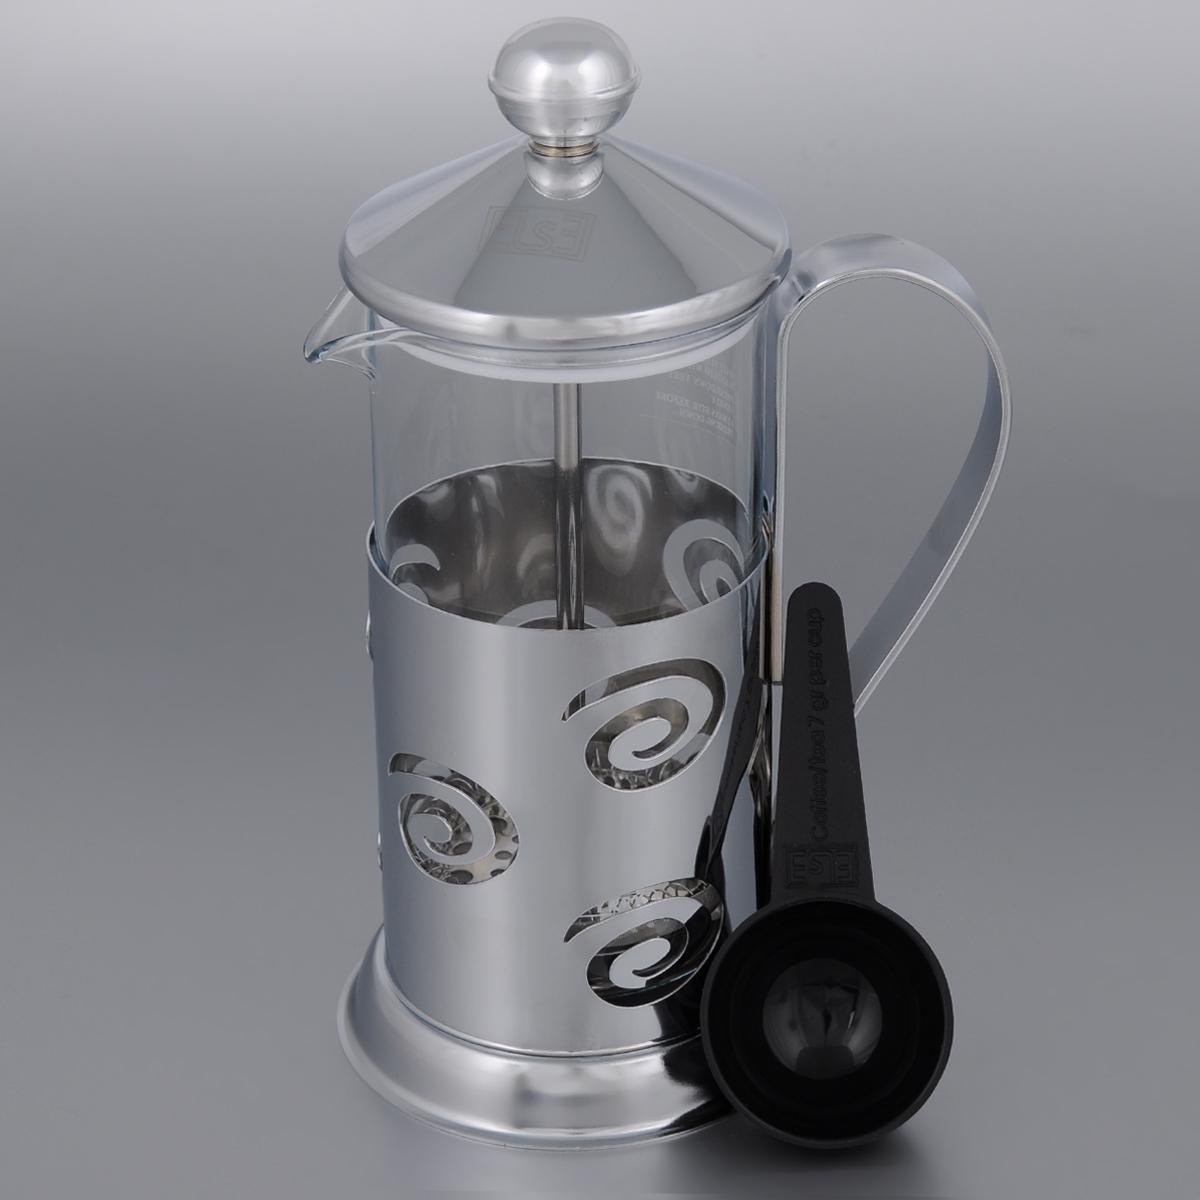 Френч-пресс Else Monaco, с ложкой, 350 мл54 009312Френч-пресс Else Monaco поможет приготовить вкусный ароматный чай или кофе. Им очень легко пользоваться: засыпьте внутрь заварку, залейте водой, накройте крышкой с поднятым поршнем, дайте настояться и затем медленно опустите поршень. Таким образом напиток заваривается без чаинок. Колба изготовлена из жаропрочного стекла, устойчивого к царапинам и термошоку. Колба выполнена по технологии антикапля: верхний край и носик имеют специальный усиленный ободок, который препятствует скатыванию капель по наружной стенке чайника. Капля не падает с носика чайника, а втягивается обратно. Корпус френч-пресса выполнен из нержавеющей стали с хромированным покрытием и украшен перфорацией в виде спиралей. Точечная спайка металлических частей производится по технологии invisible, которая делает места соединения деталей незаметными. Полировка с использованием специальных паст на основе натуральных компонентов придает изделию ослепительный блеск. Идеально отшлифованные поверхности и элементы приятны на ощупь, обладают меньшей теплопроводностью и высокими грязеотталкивающими свойствами. Крышка френч-пресса изнутри покрыта пищевым нетоксичным пластиком. Это соответствует гигиеническим требованиям, способствует сохранению тепла и препятствует чрезмерному нагреву самой крышки. Диаметр колбы: 7 см. Высота френч-пресса: 20 см. Диаметр основания френч-пресса: 9 см. Длина ложки: 10 см.